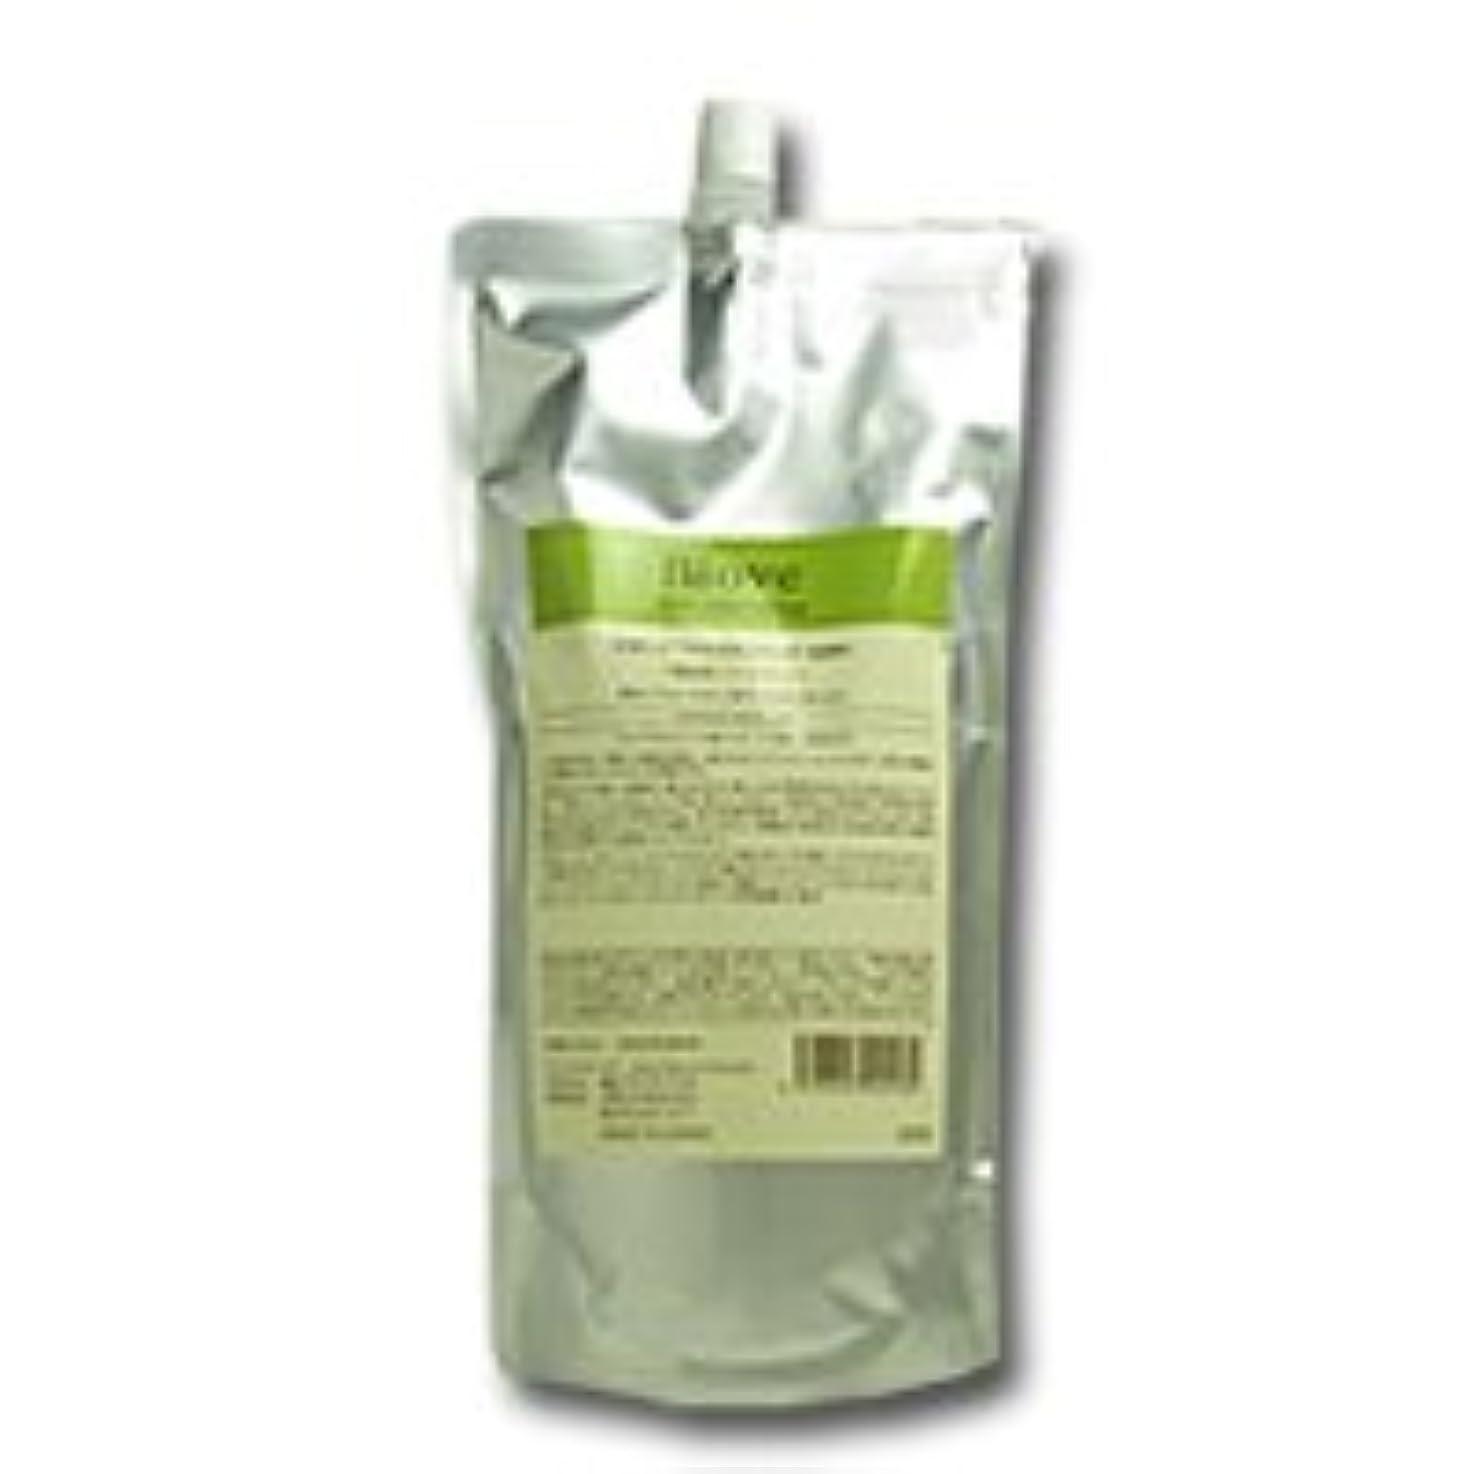 重要ジャンプする消毒剤デミ ビオーブ スキャルプ リラックストリートメント 450ml(詰替) 医薬部外品